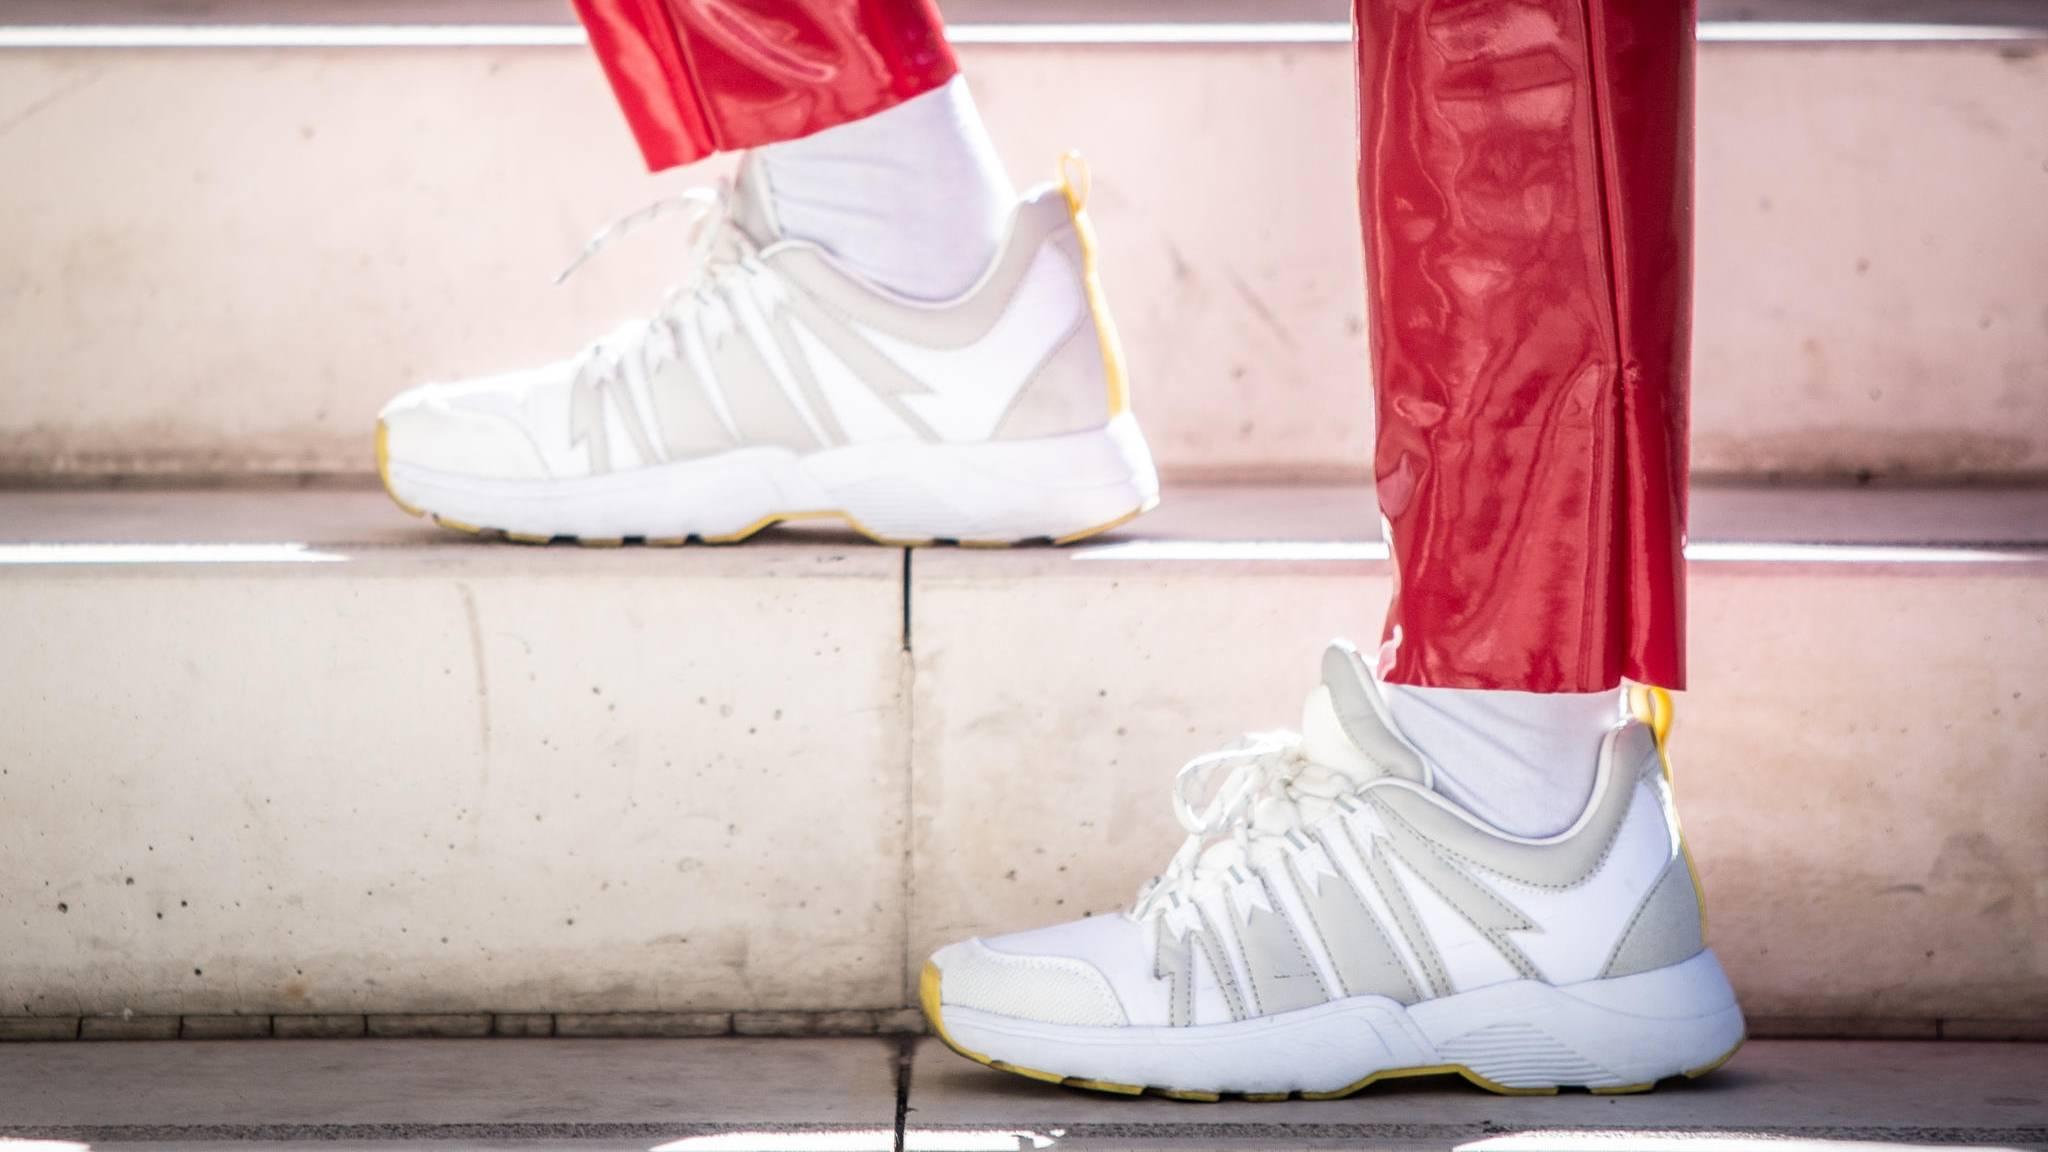 Sind 2019 Trend SneakerDiese Turnschuhe Ugly Hässlichen GqSzUMVp